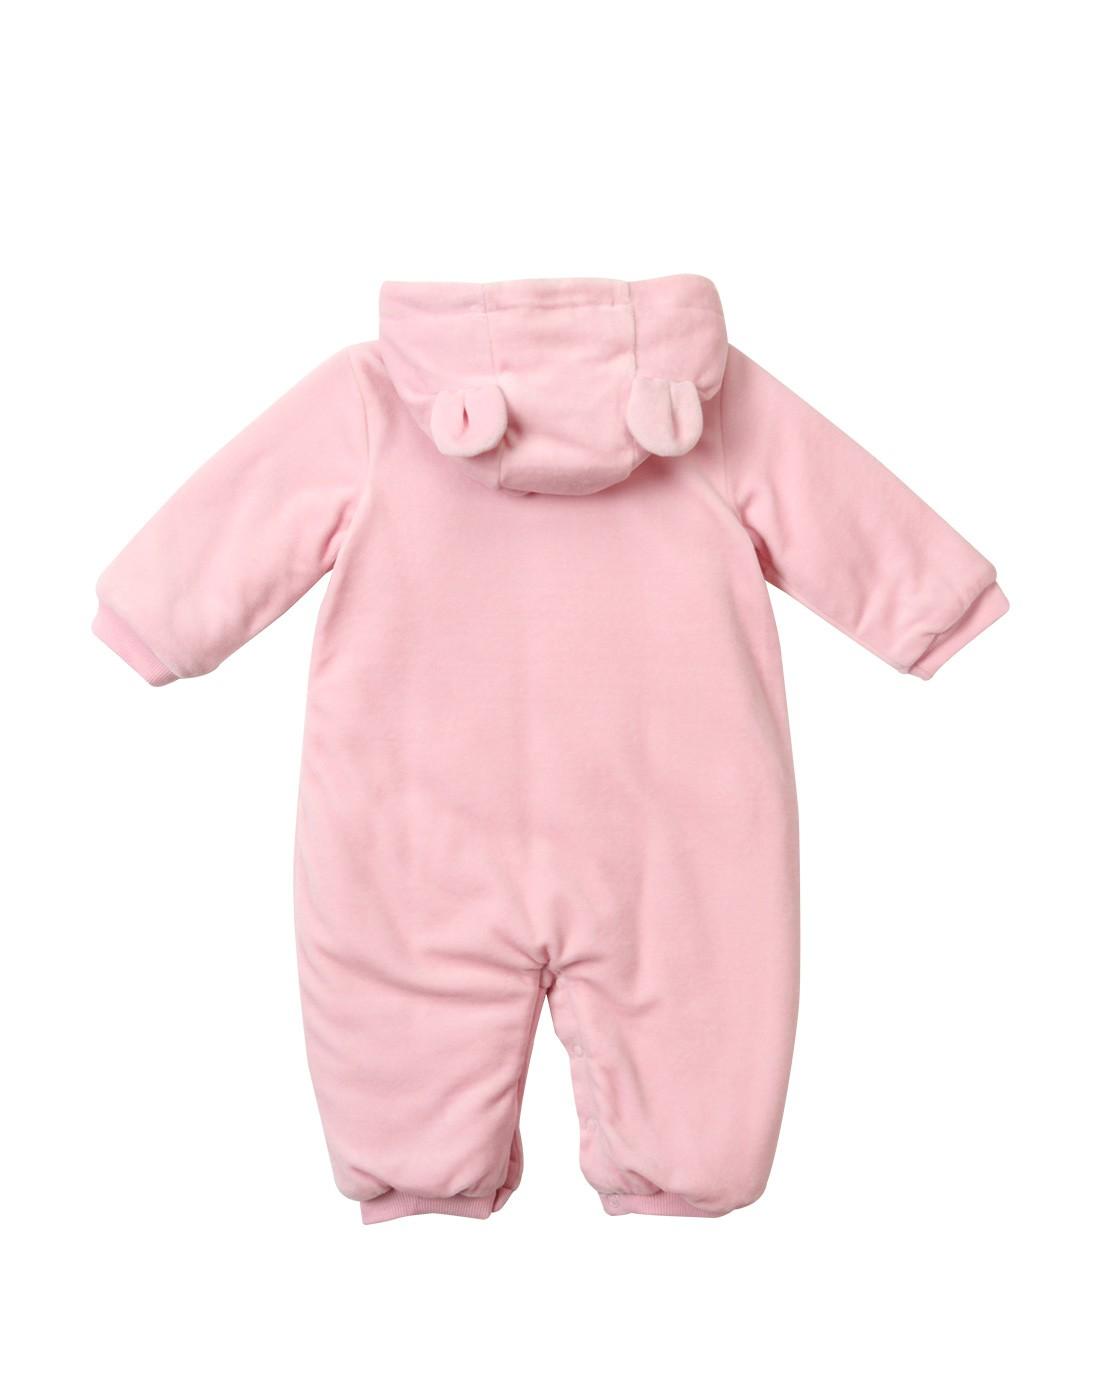 中性浅粉色卡通可爱儿童连体衣